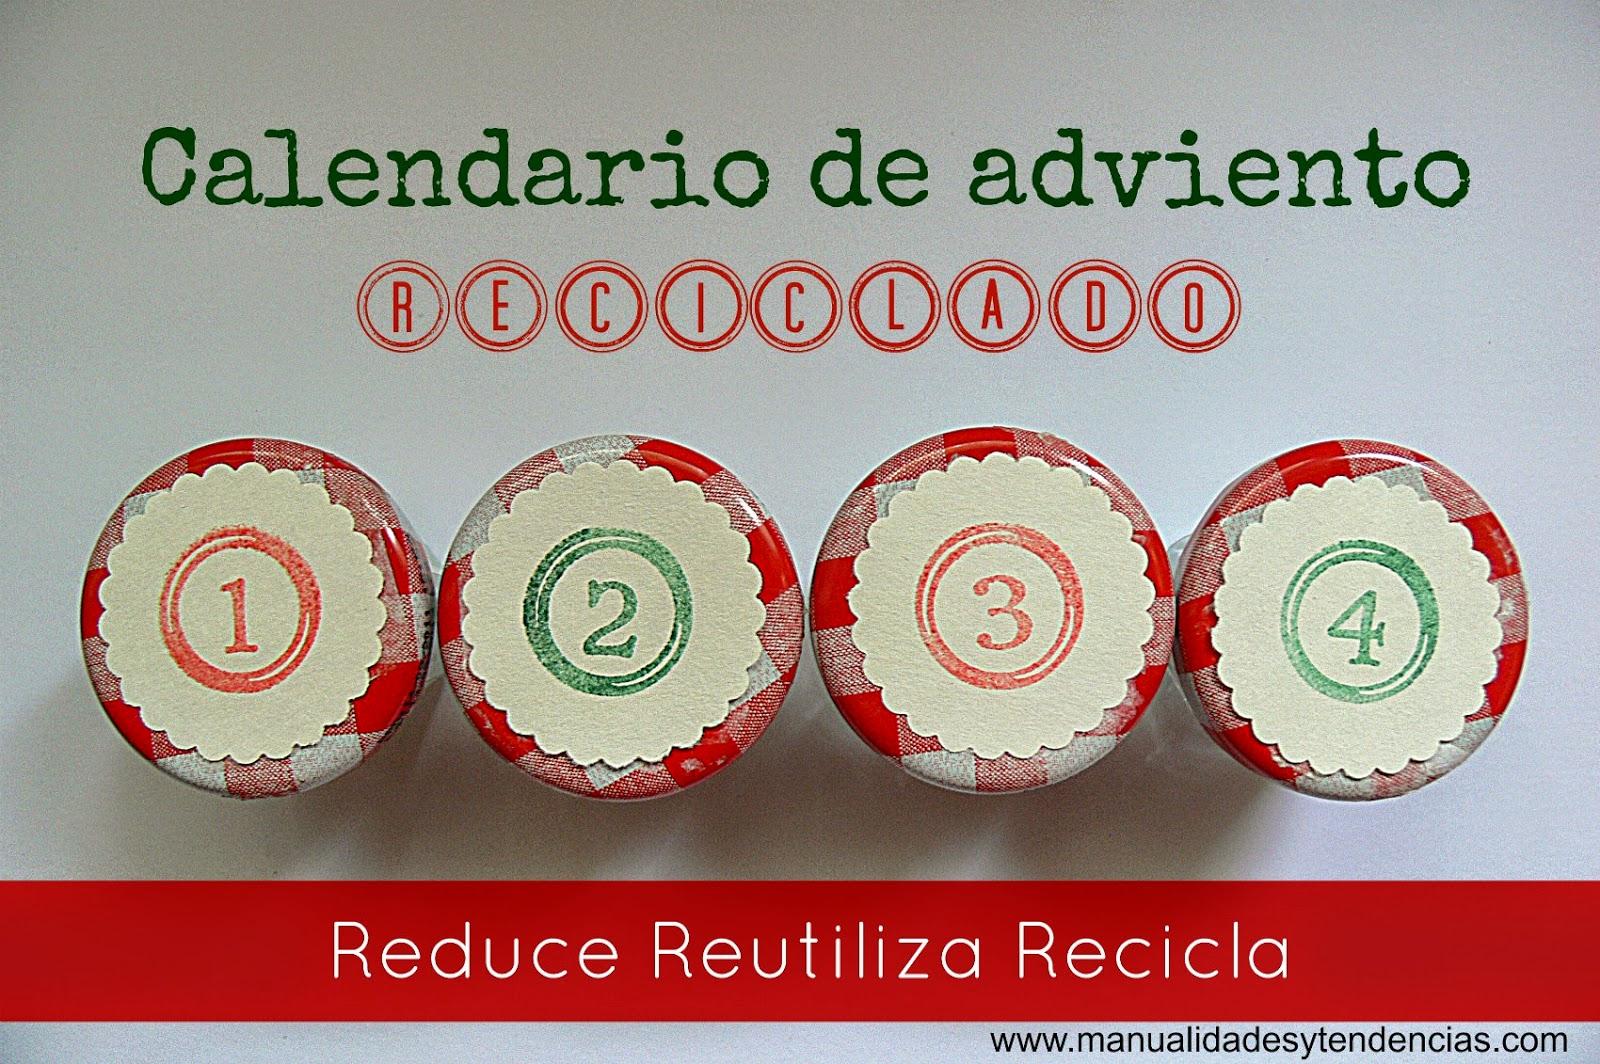 Manualidades y tendencias: Calendario de adviento reciclado / Recycled